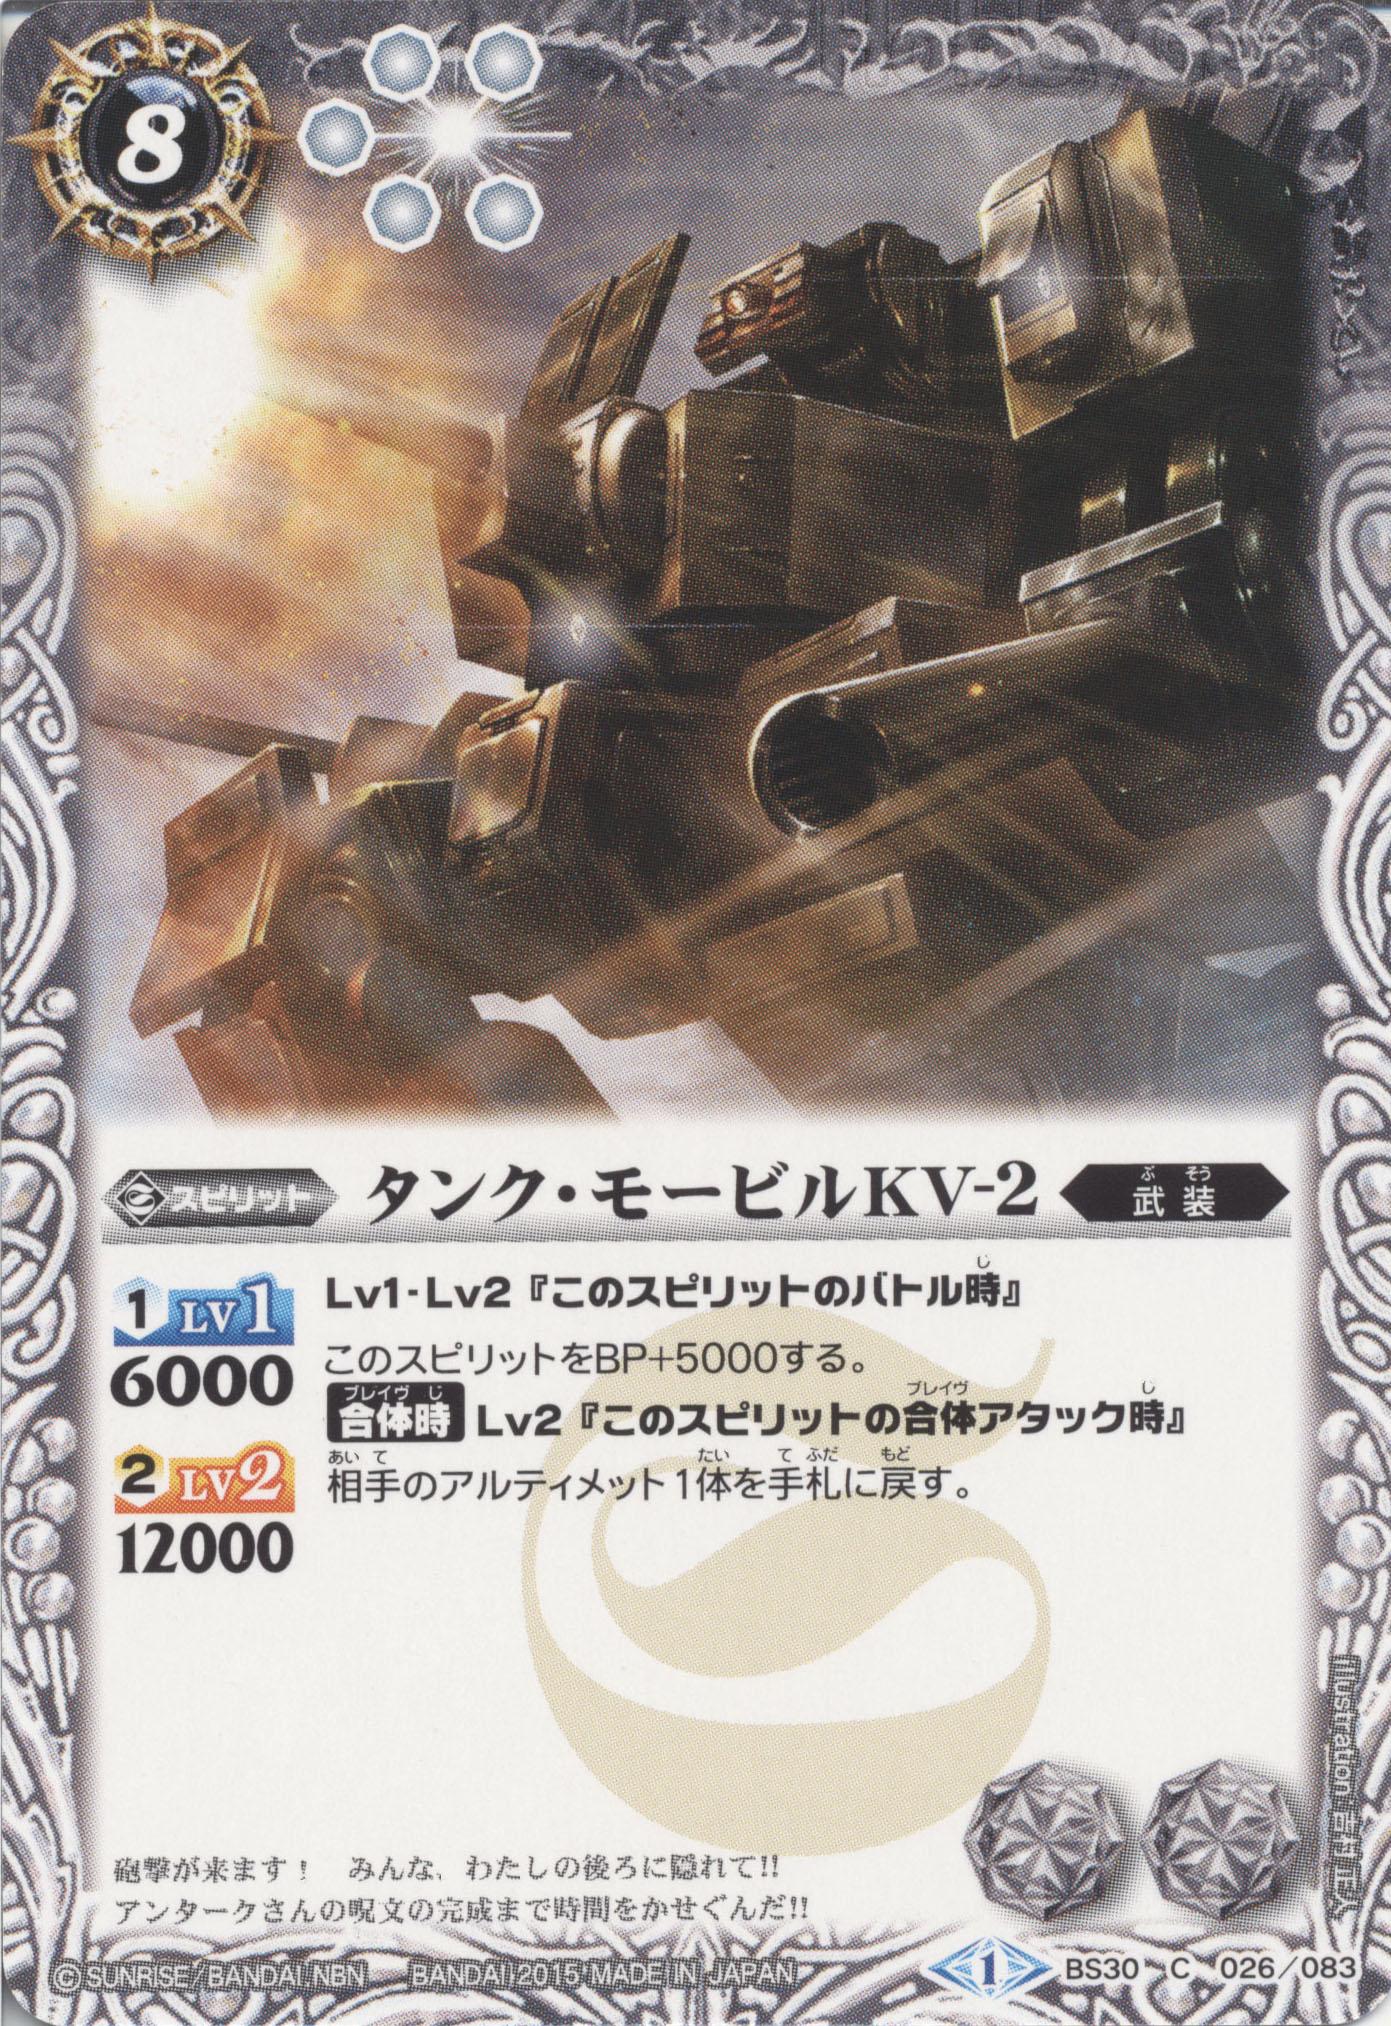 Tank-Mobil KV-2